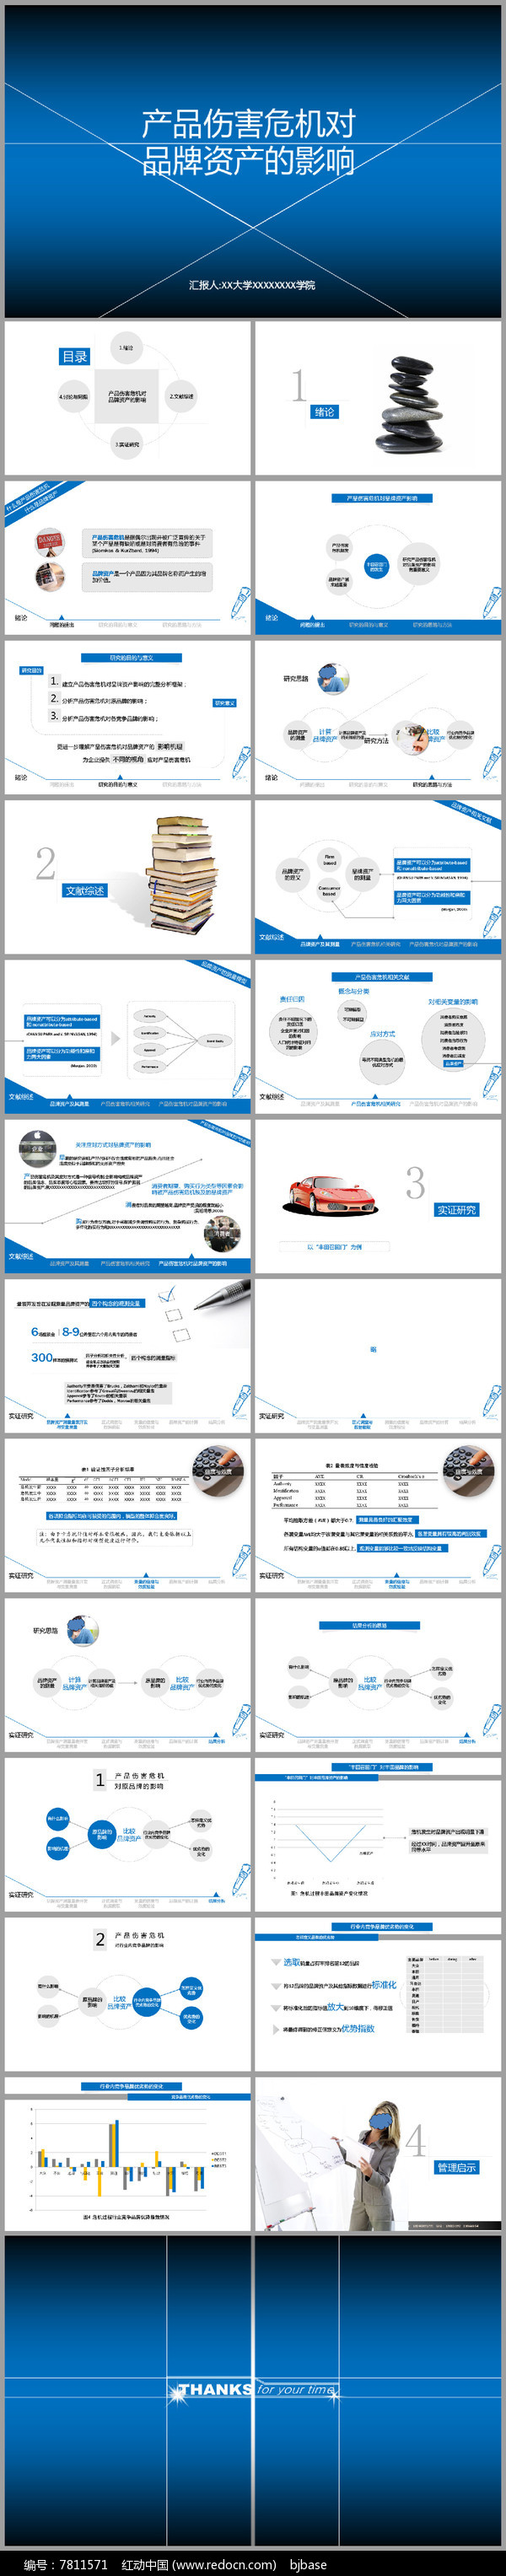 严谨淡雅型图表商业策划书创业计划PPT模板图片